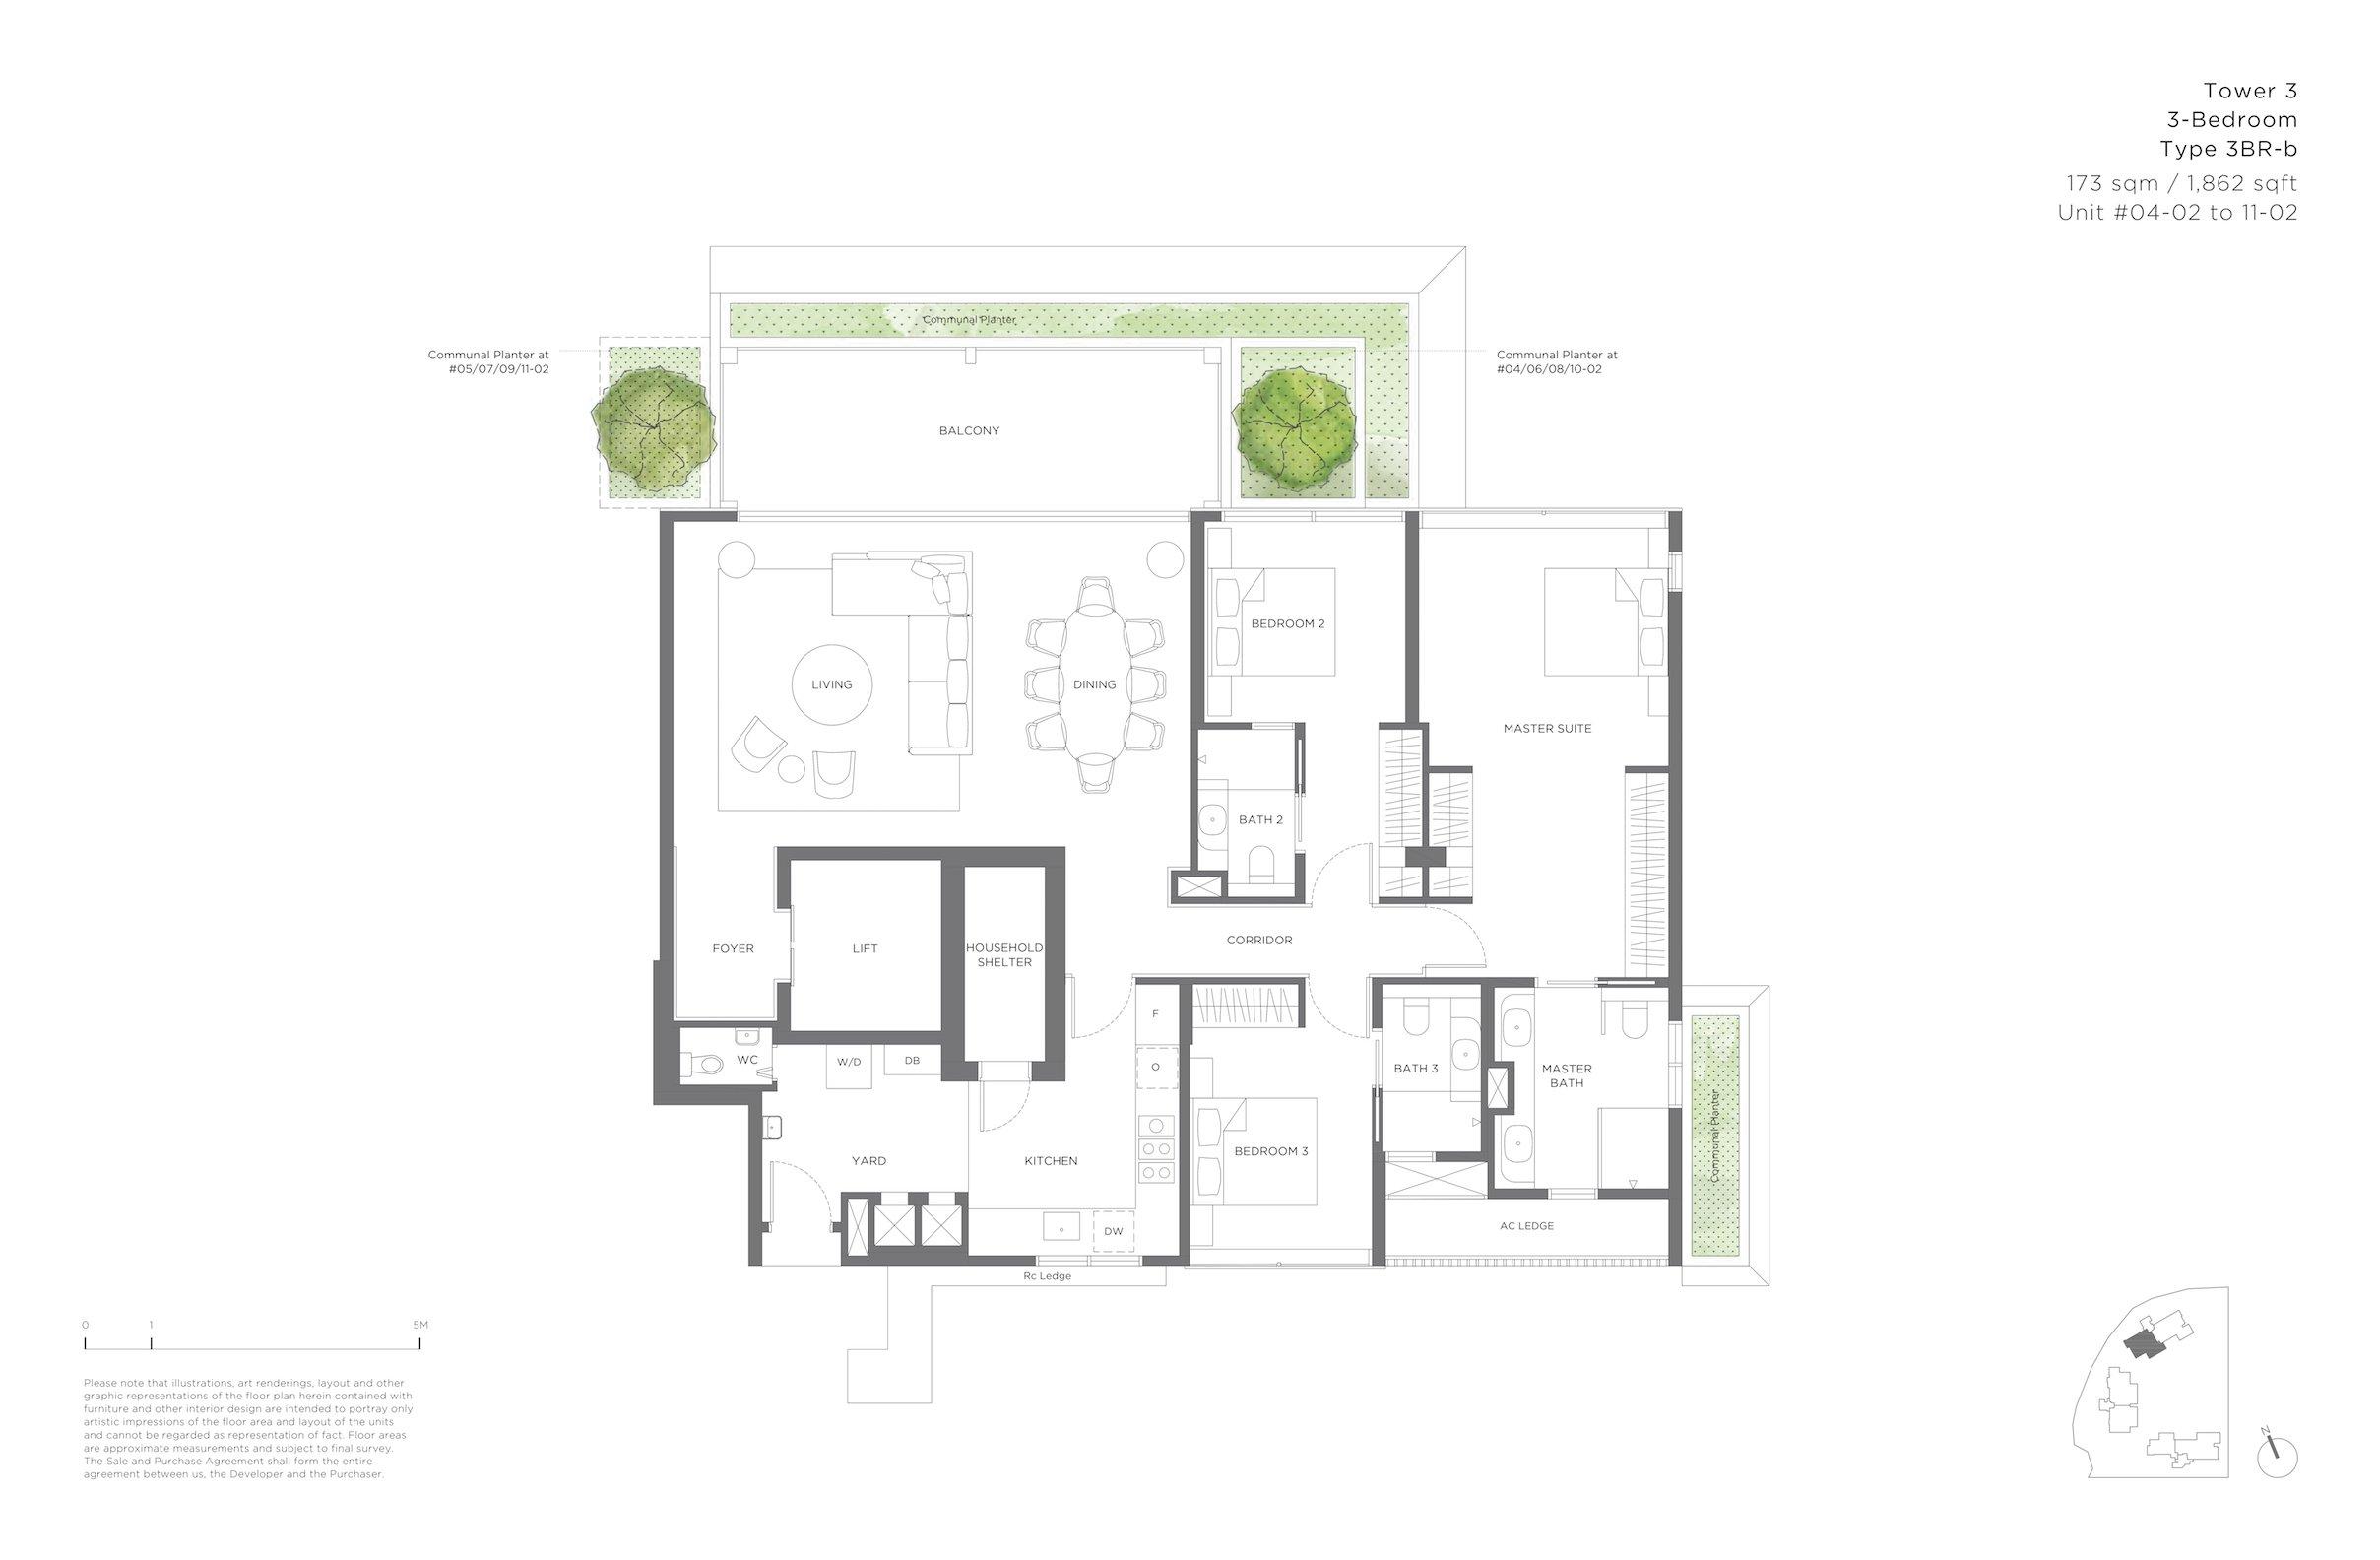 15 Holland Hill 荷兰山公寓 3-bedroom 3br-b